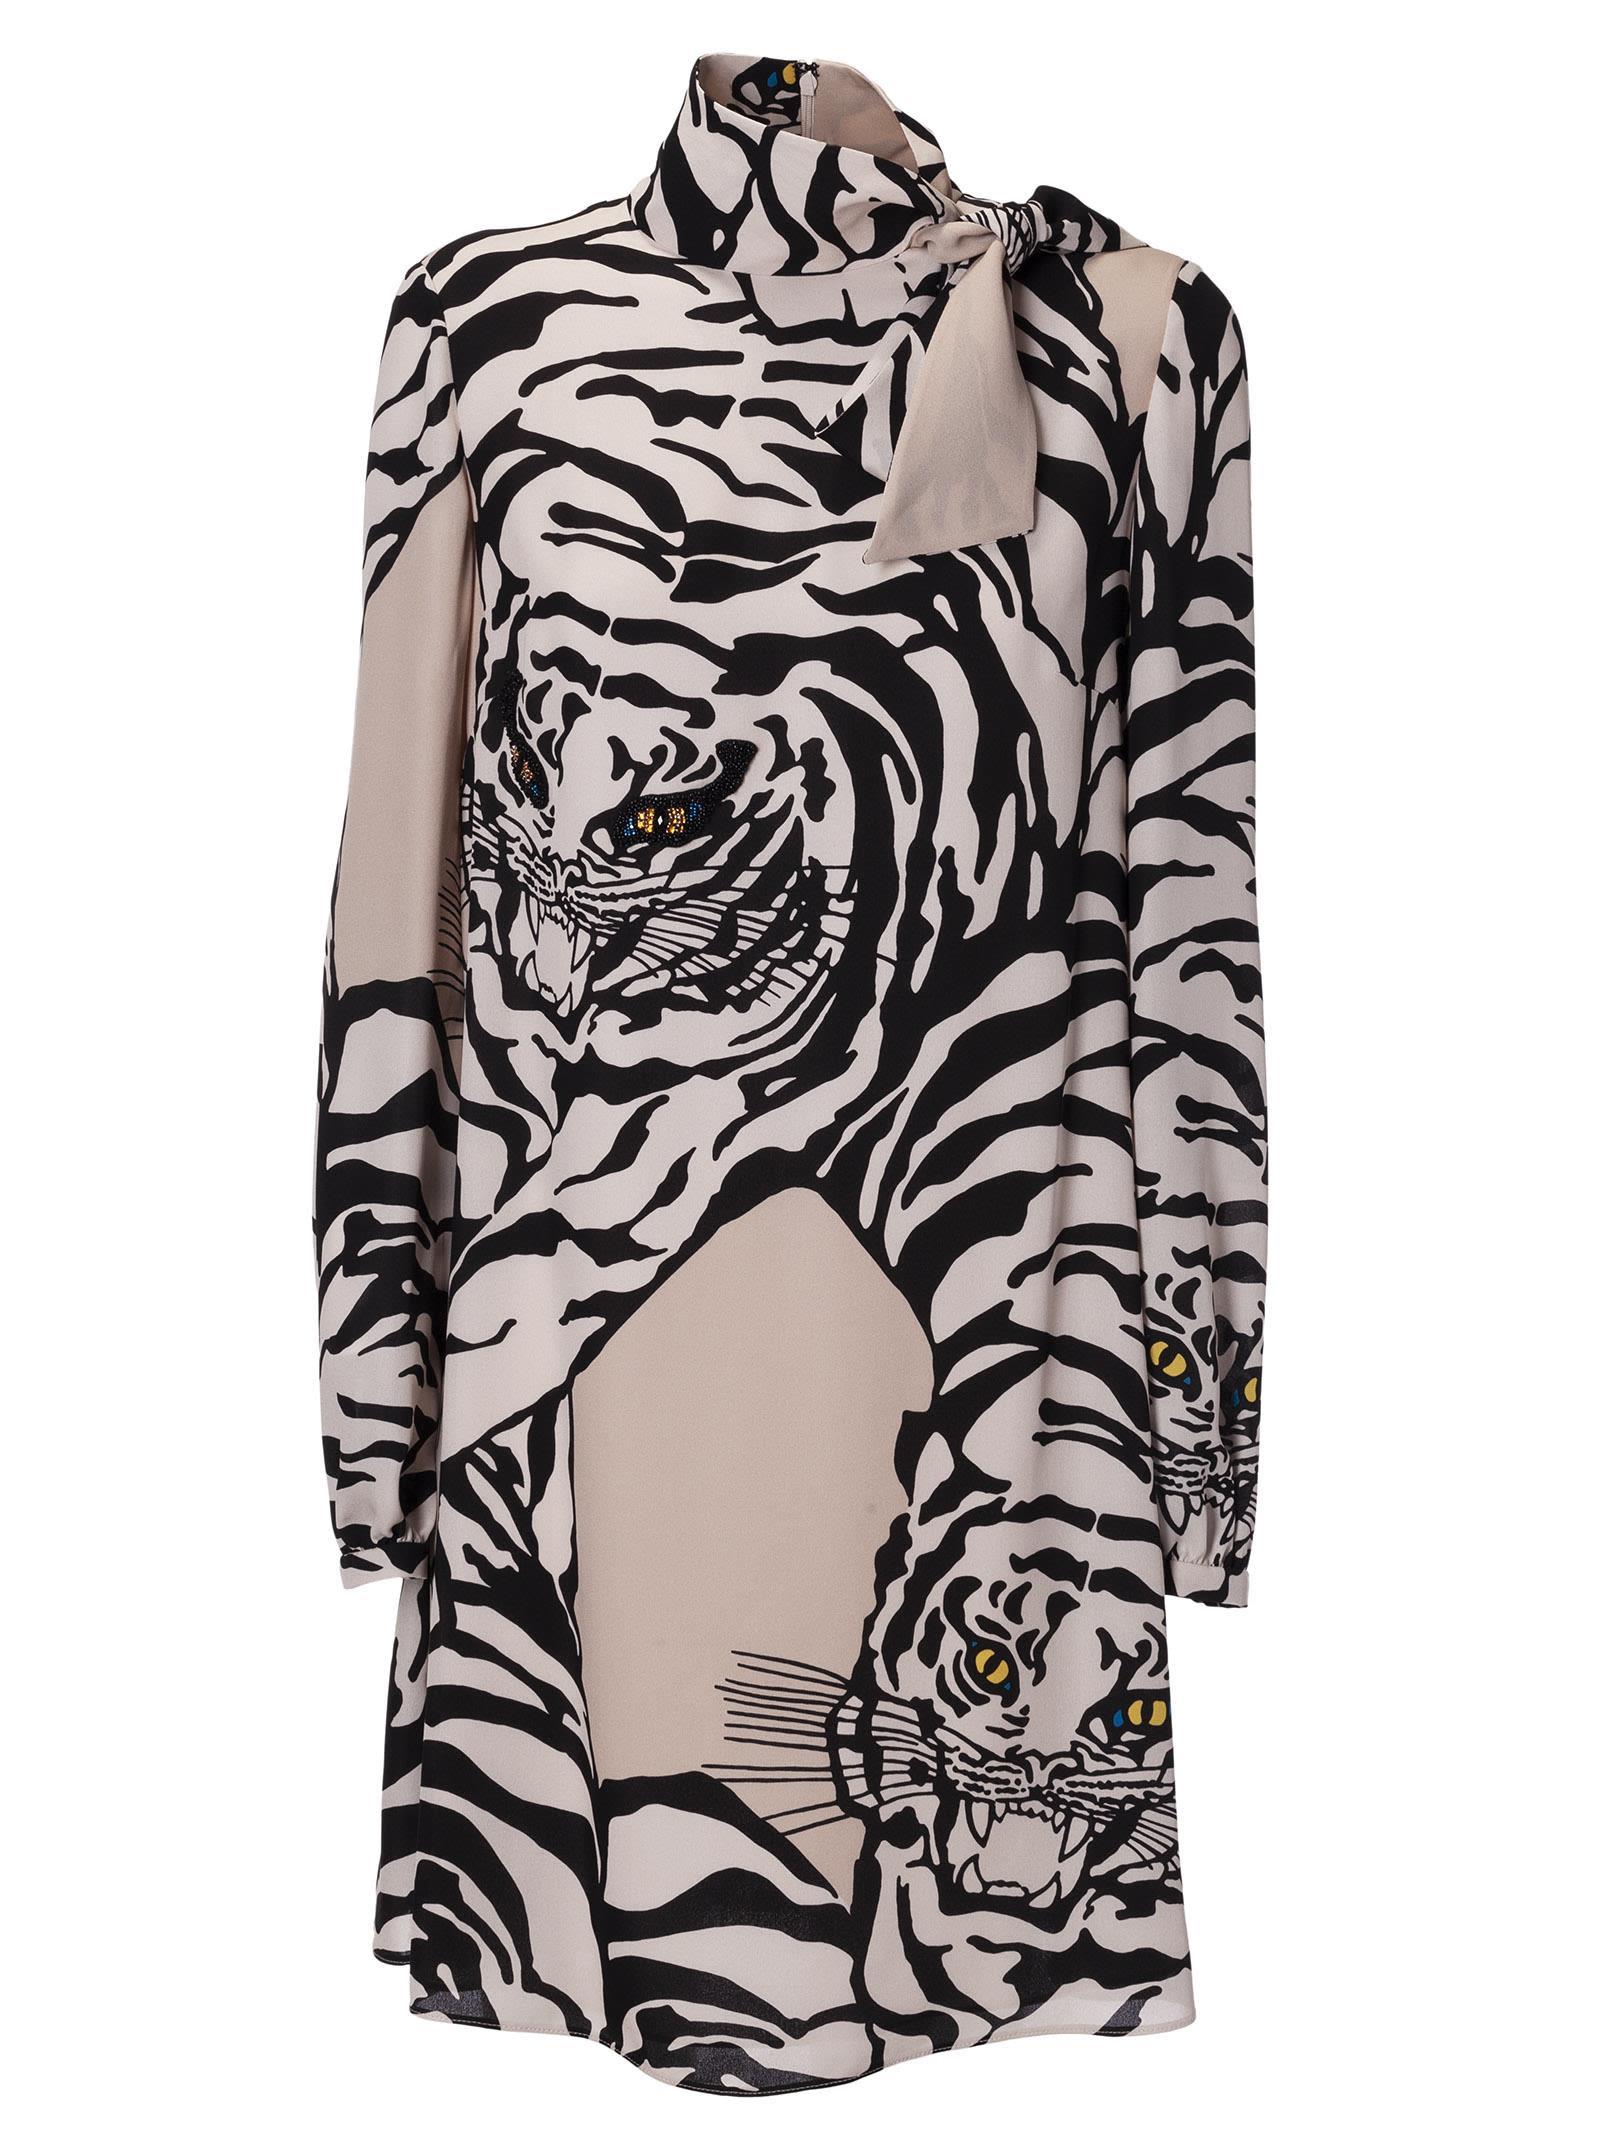 5da5f2229b Valentino Tiger Print Dress